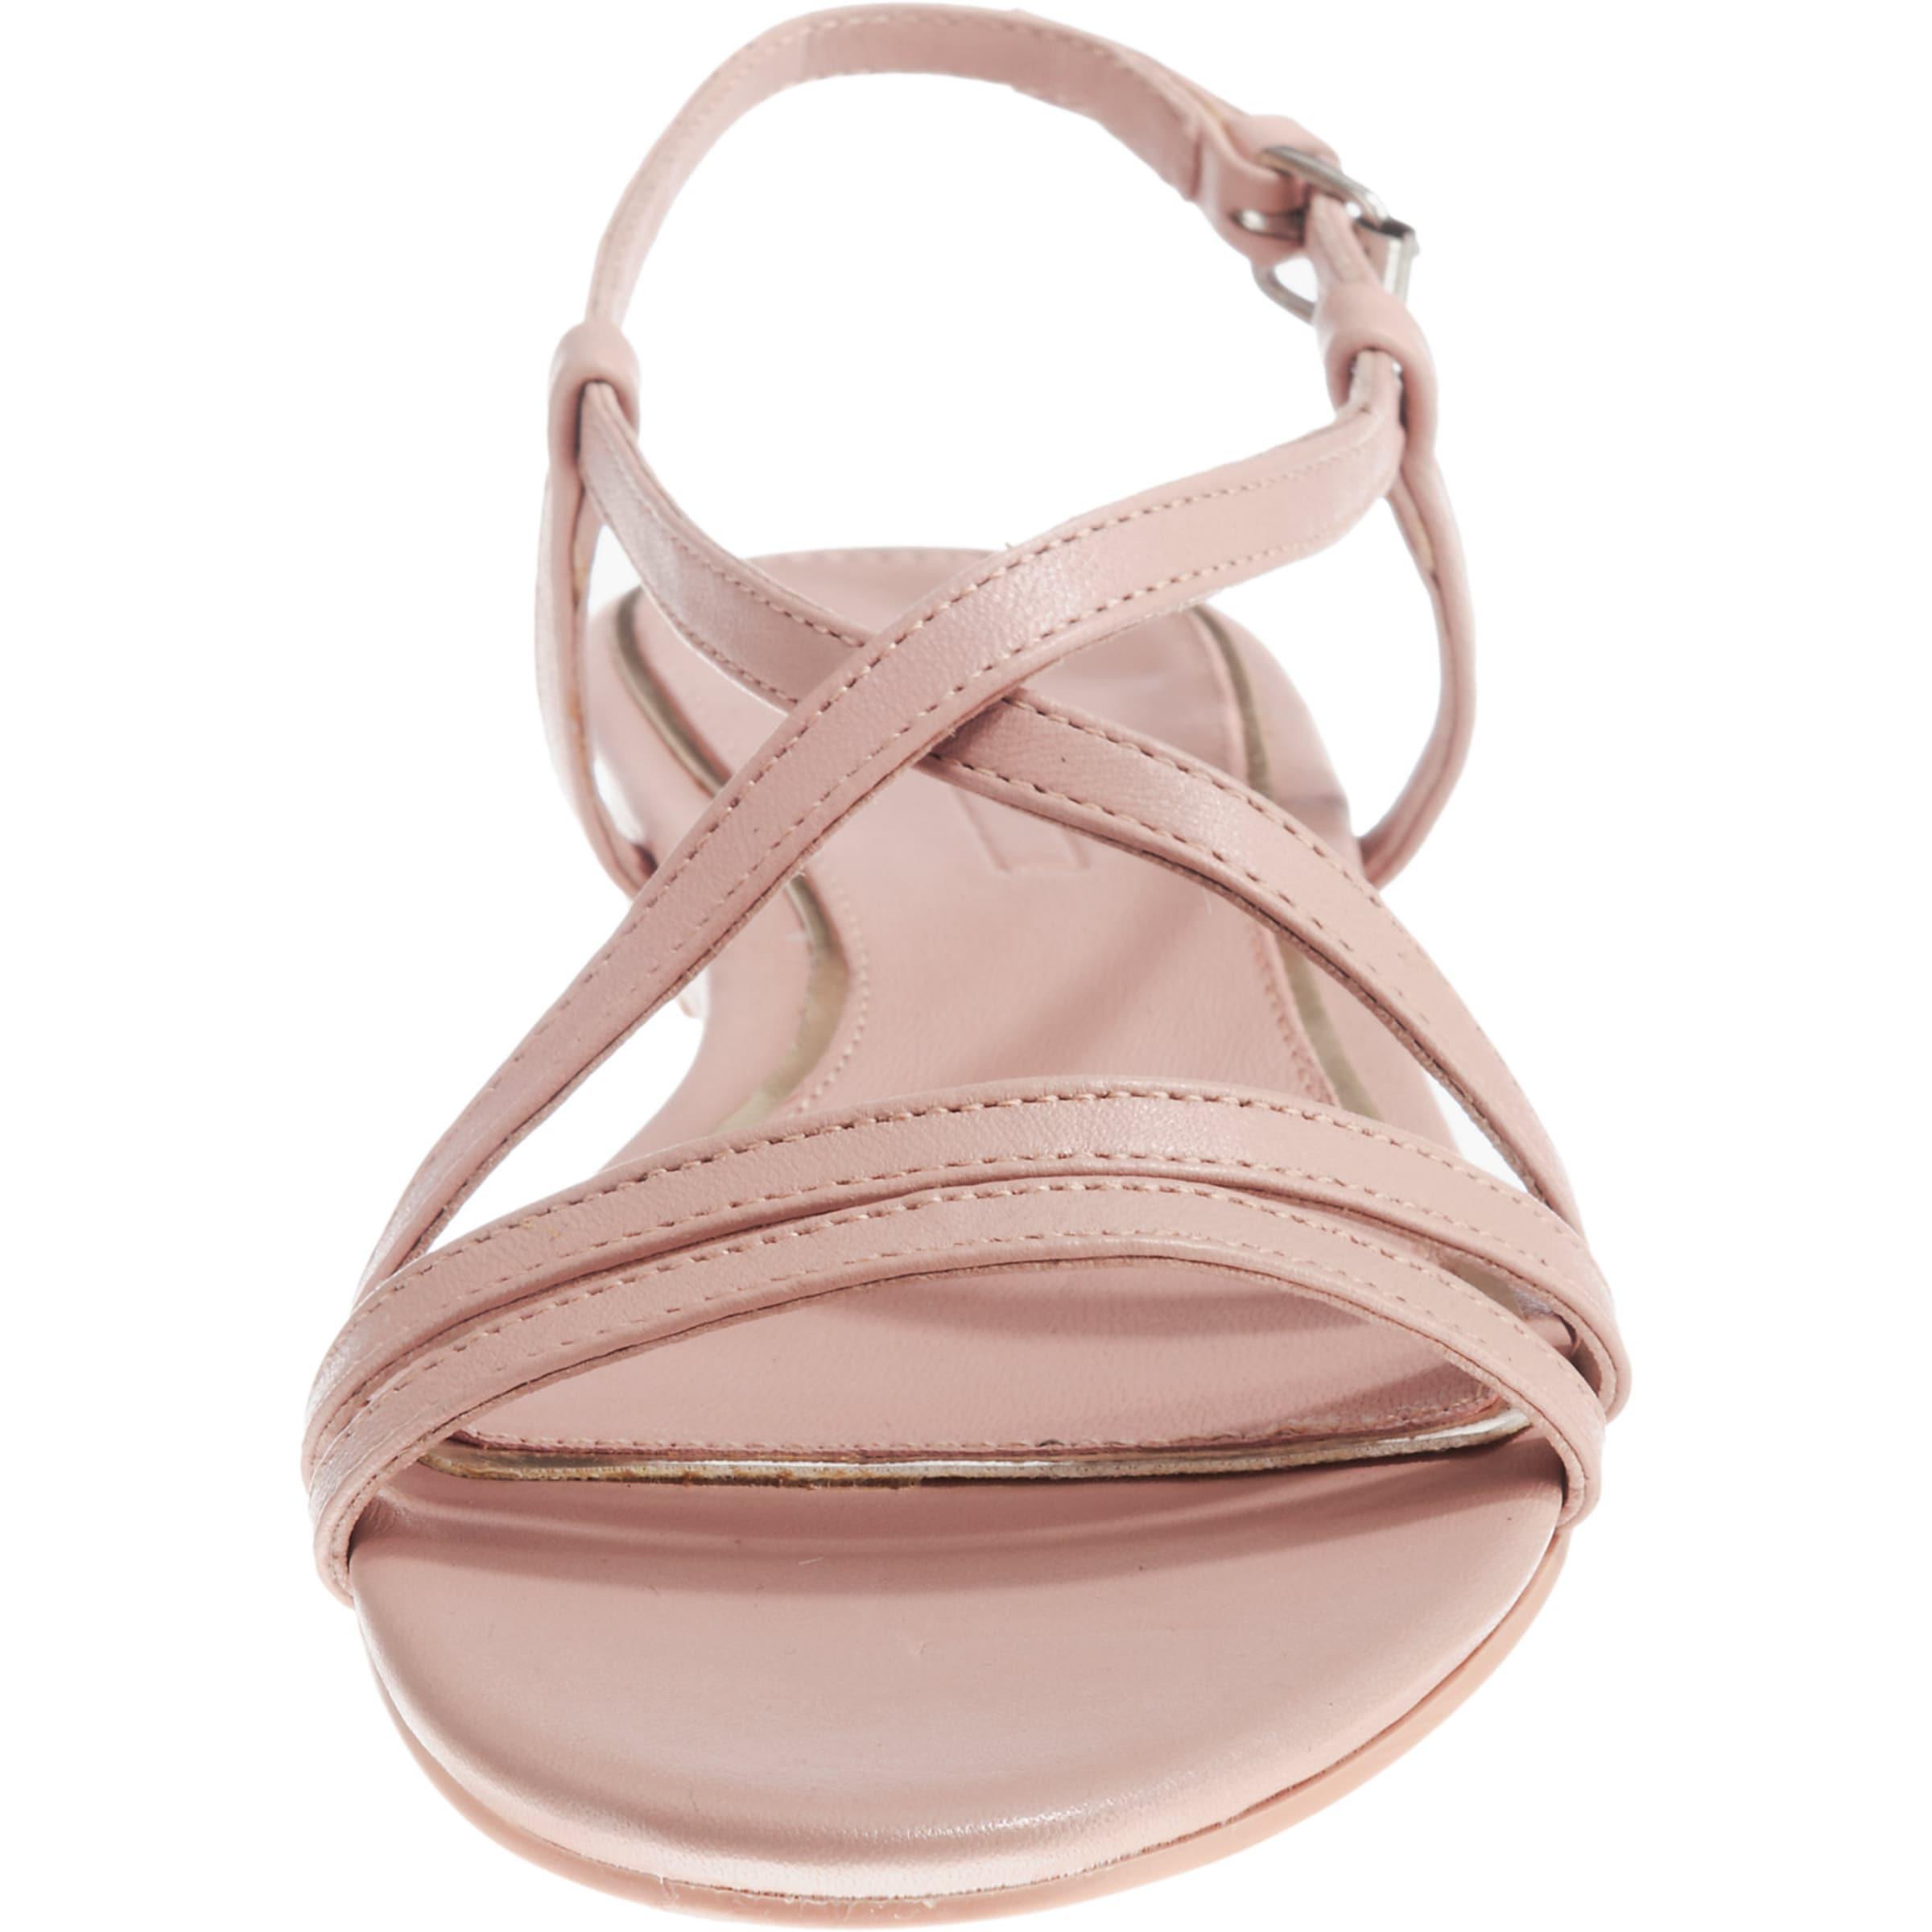 In Esprit Sandale 'ava Sandal' Rosa n8XOk0wP